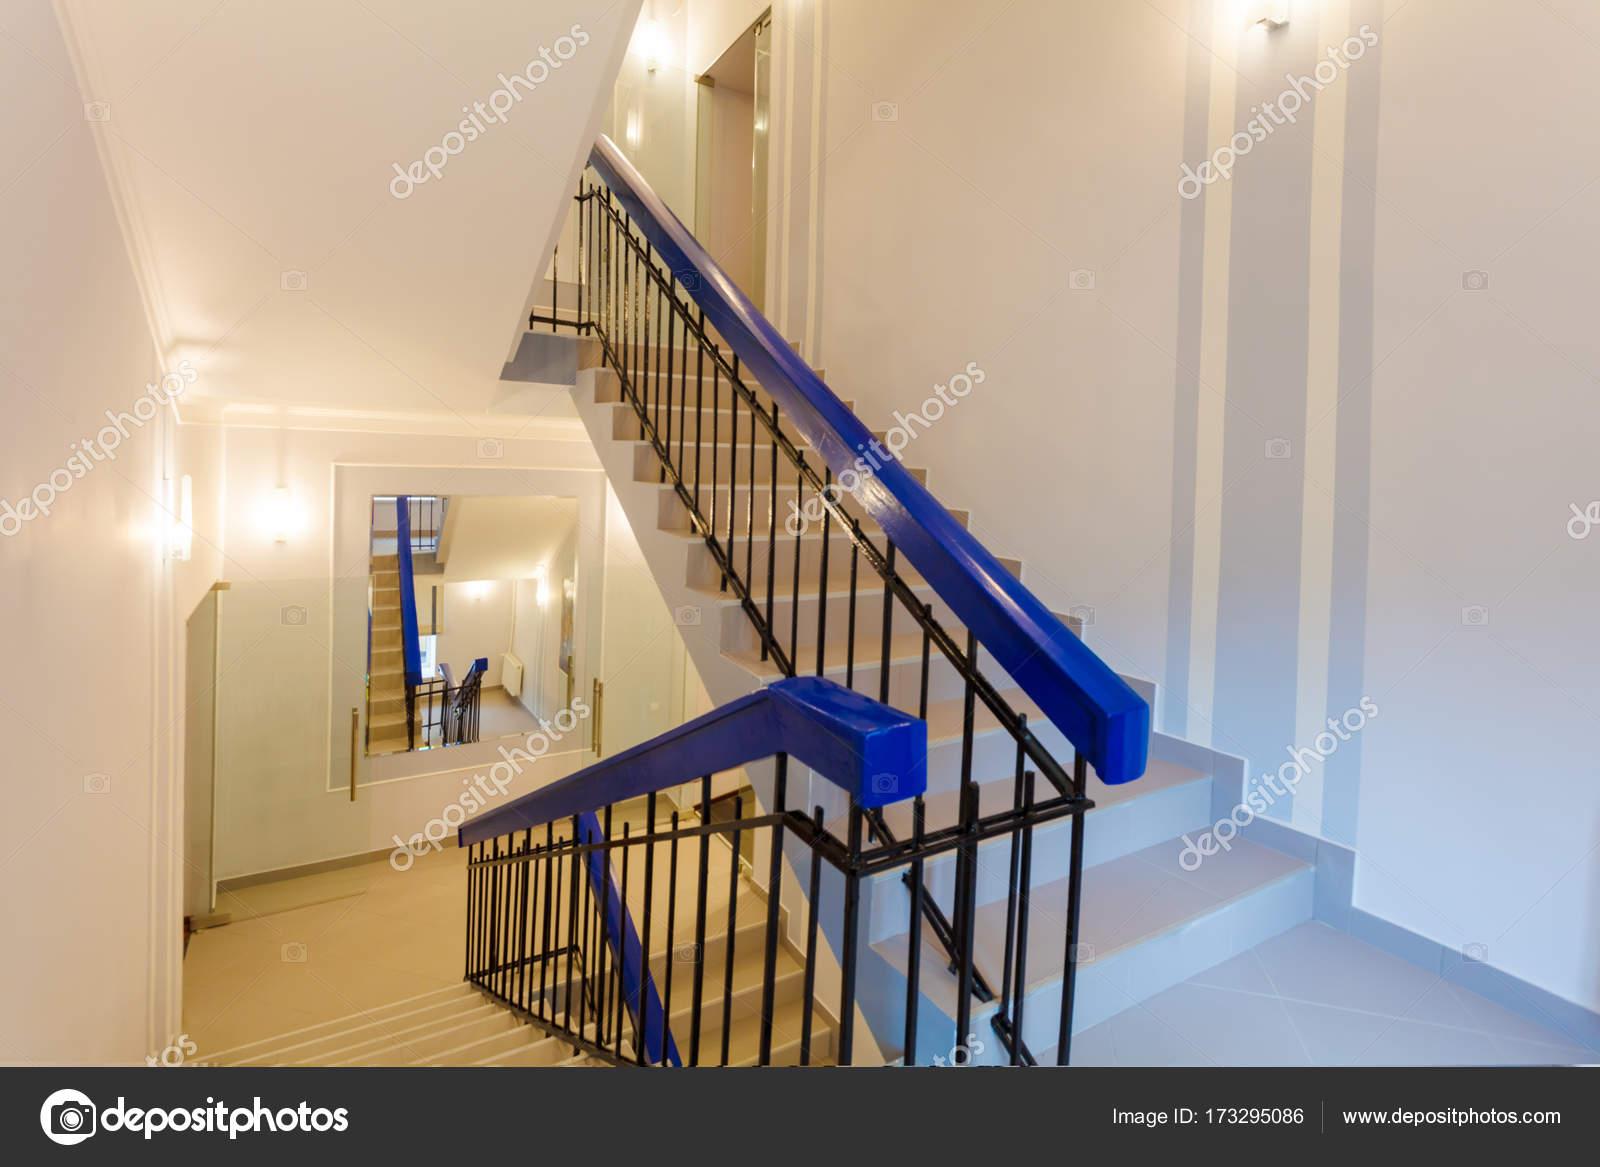 Spiegel Treppen treppen mit spiegel an der wand ist der teil des inneren wohnung